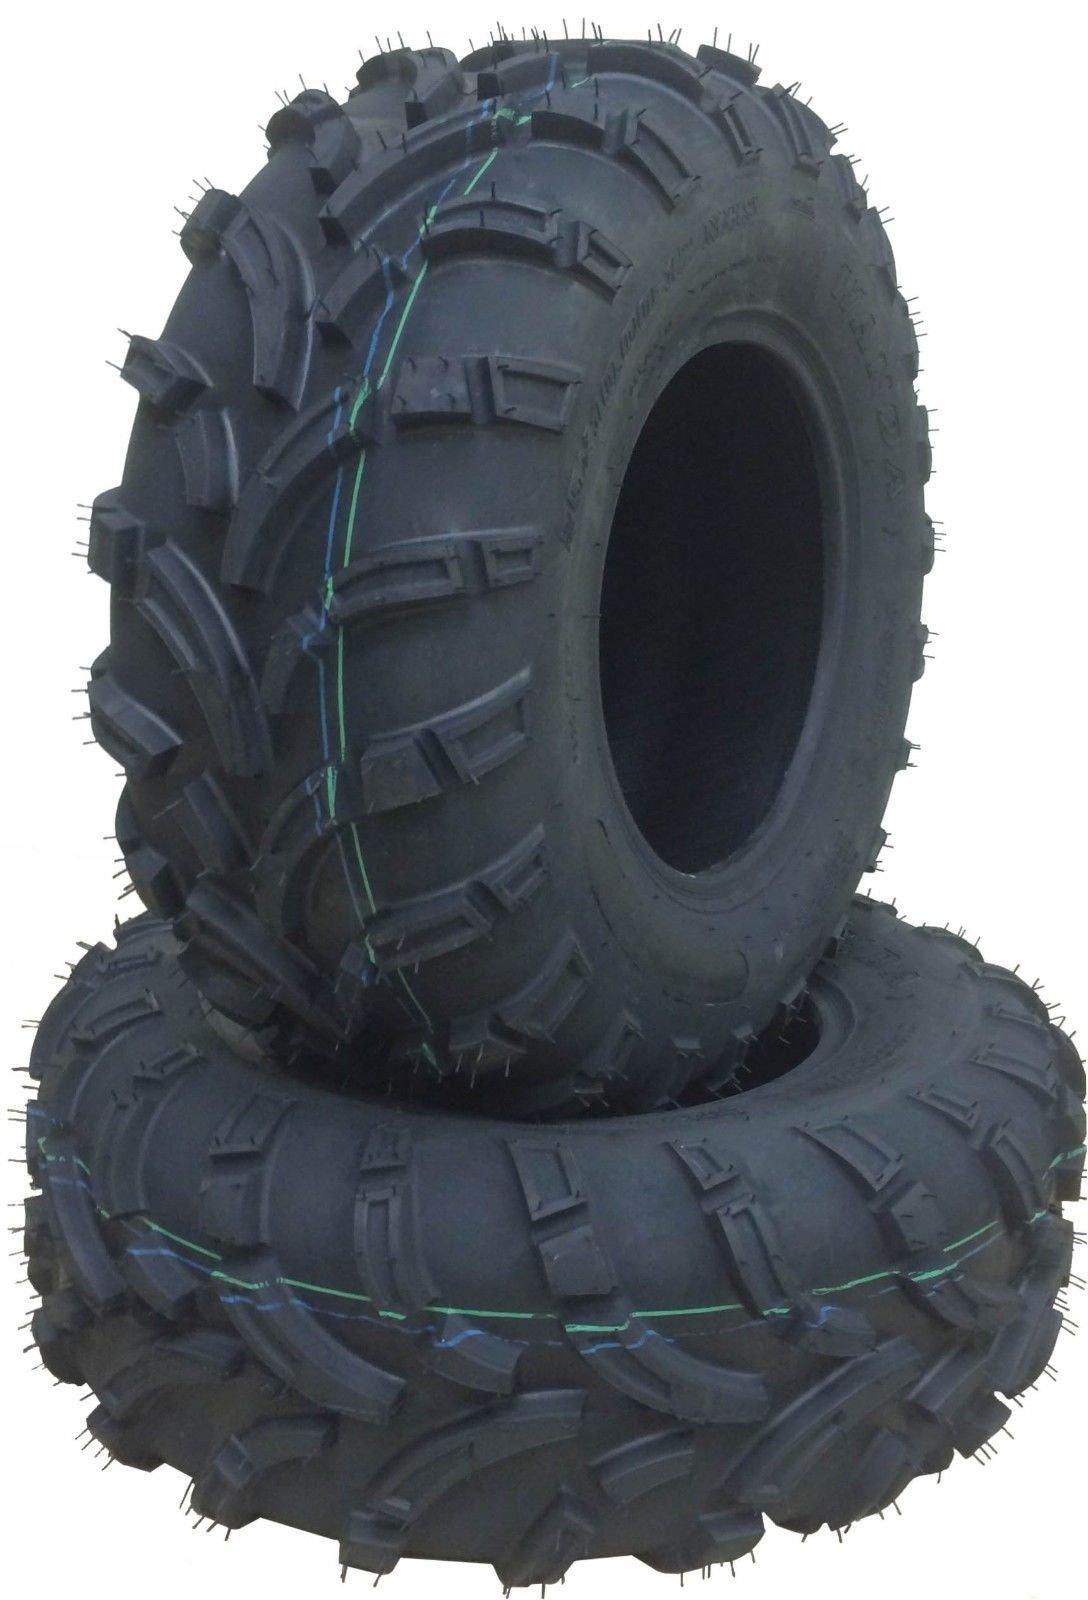 2 New WANDA ATV Tires 24x10-11 24x10x11 /6PR P373 - 10279